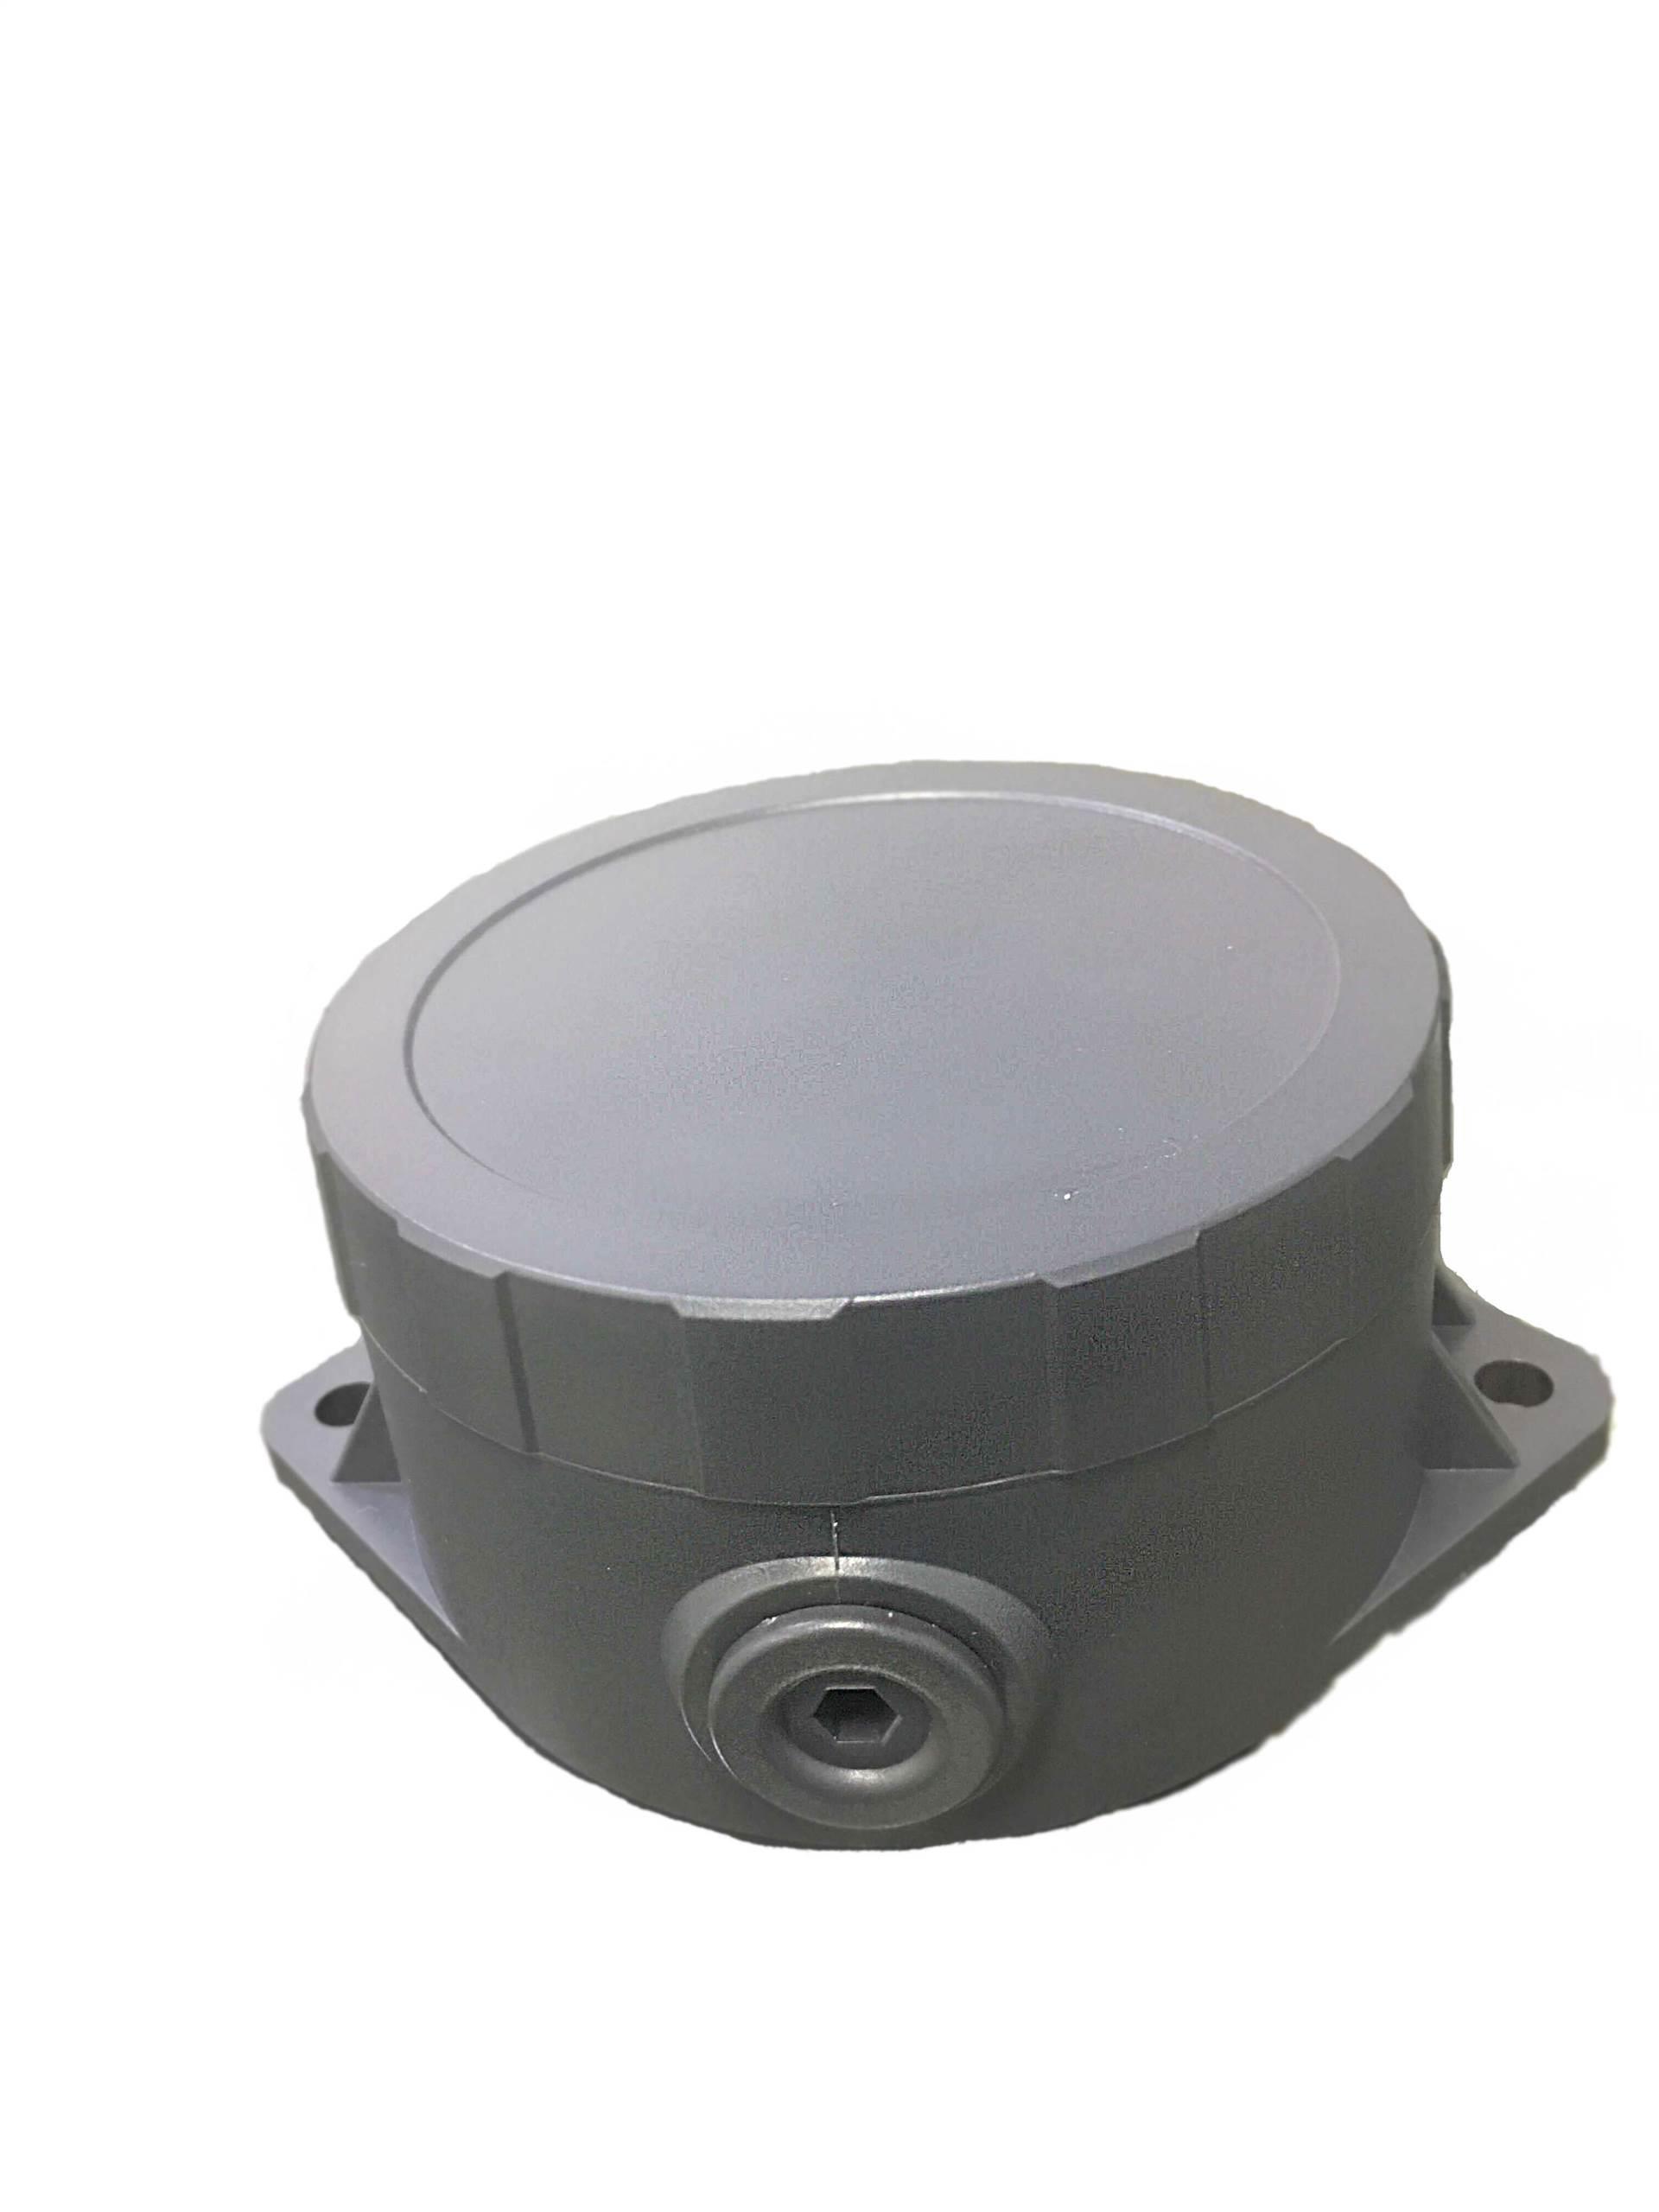 传输的一款感知层智能传感器,产品采用纽扣式设计,能够适用于各类井盖